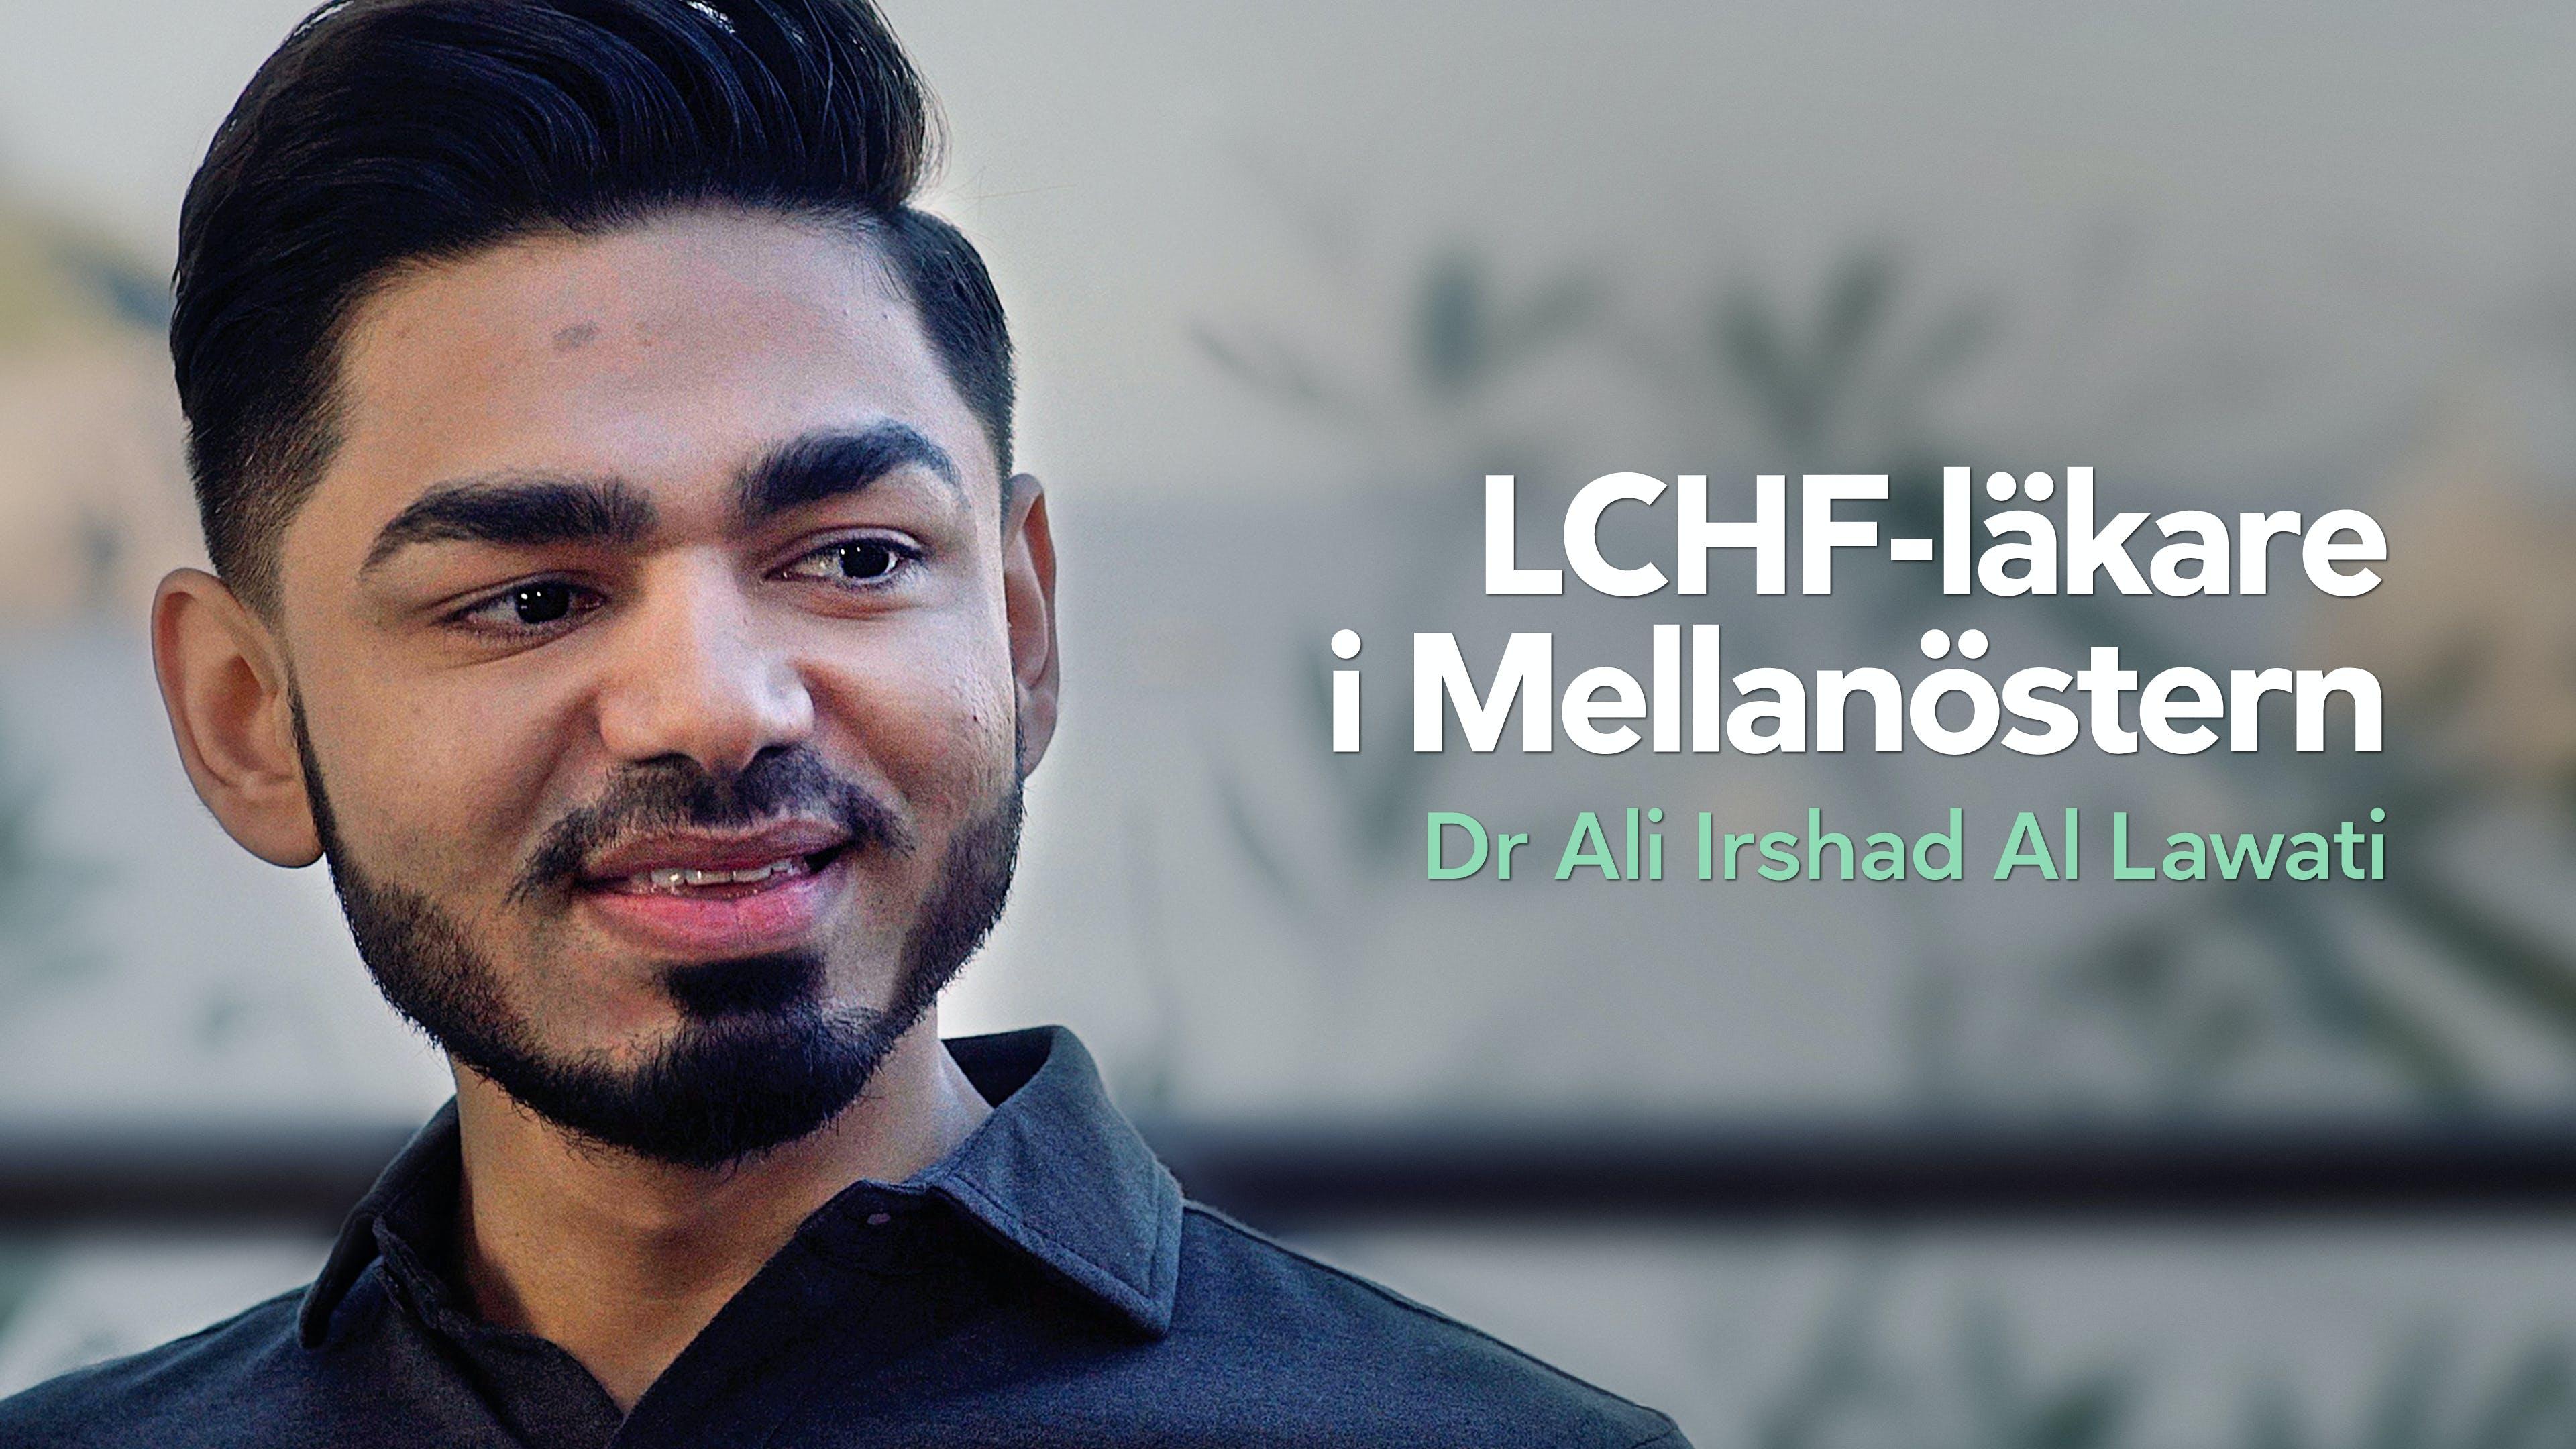 Att vara LCHF-läkare i Mellanöstern